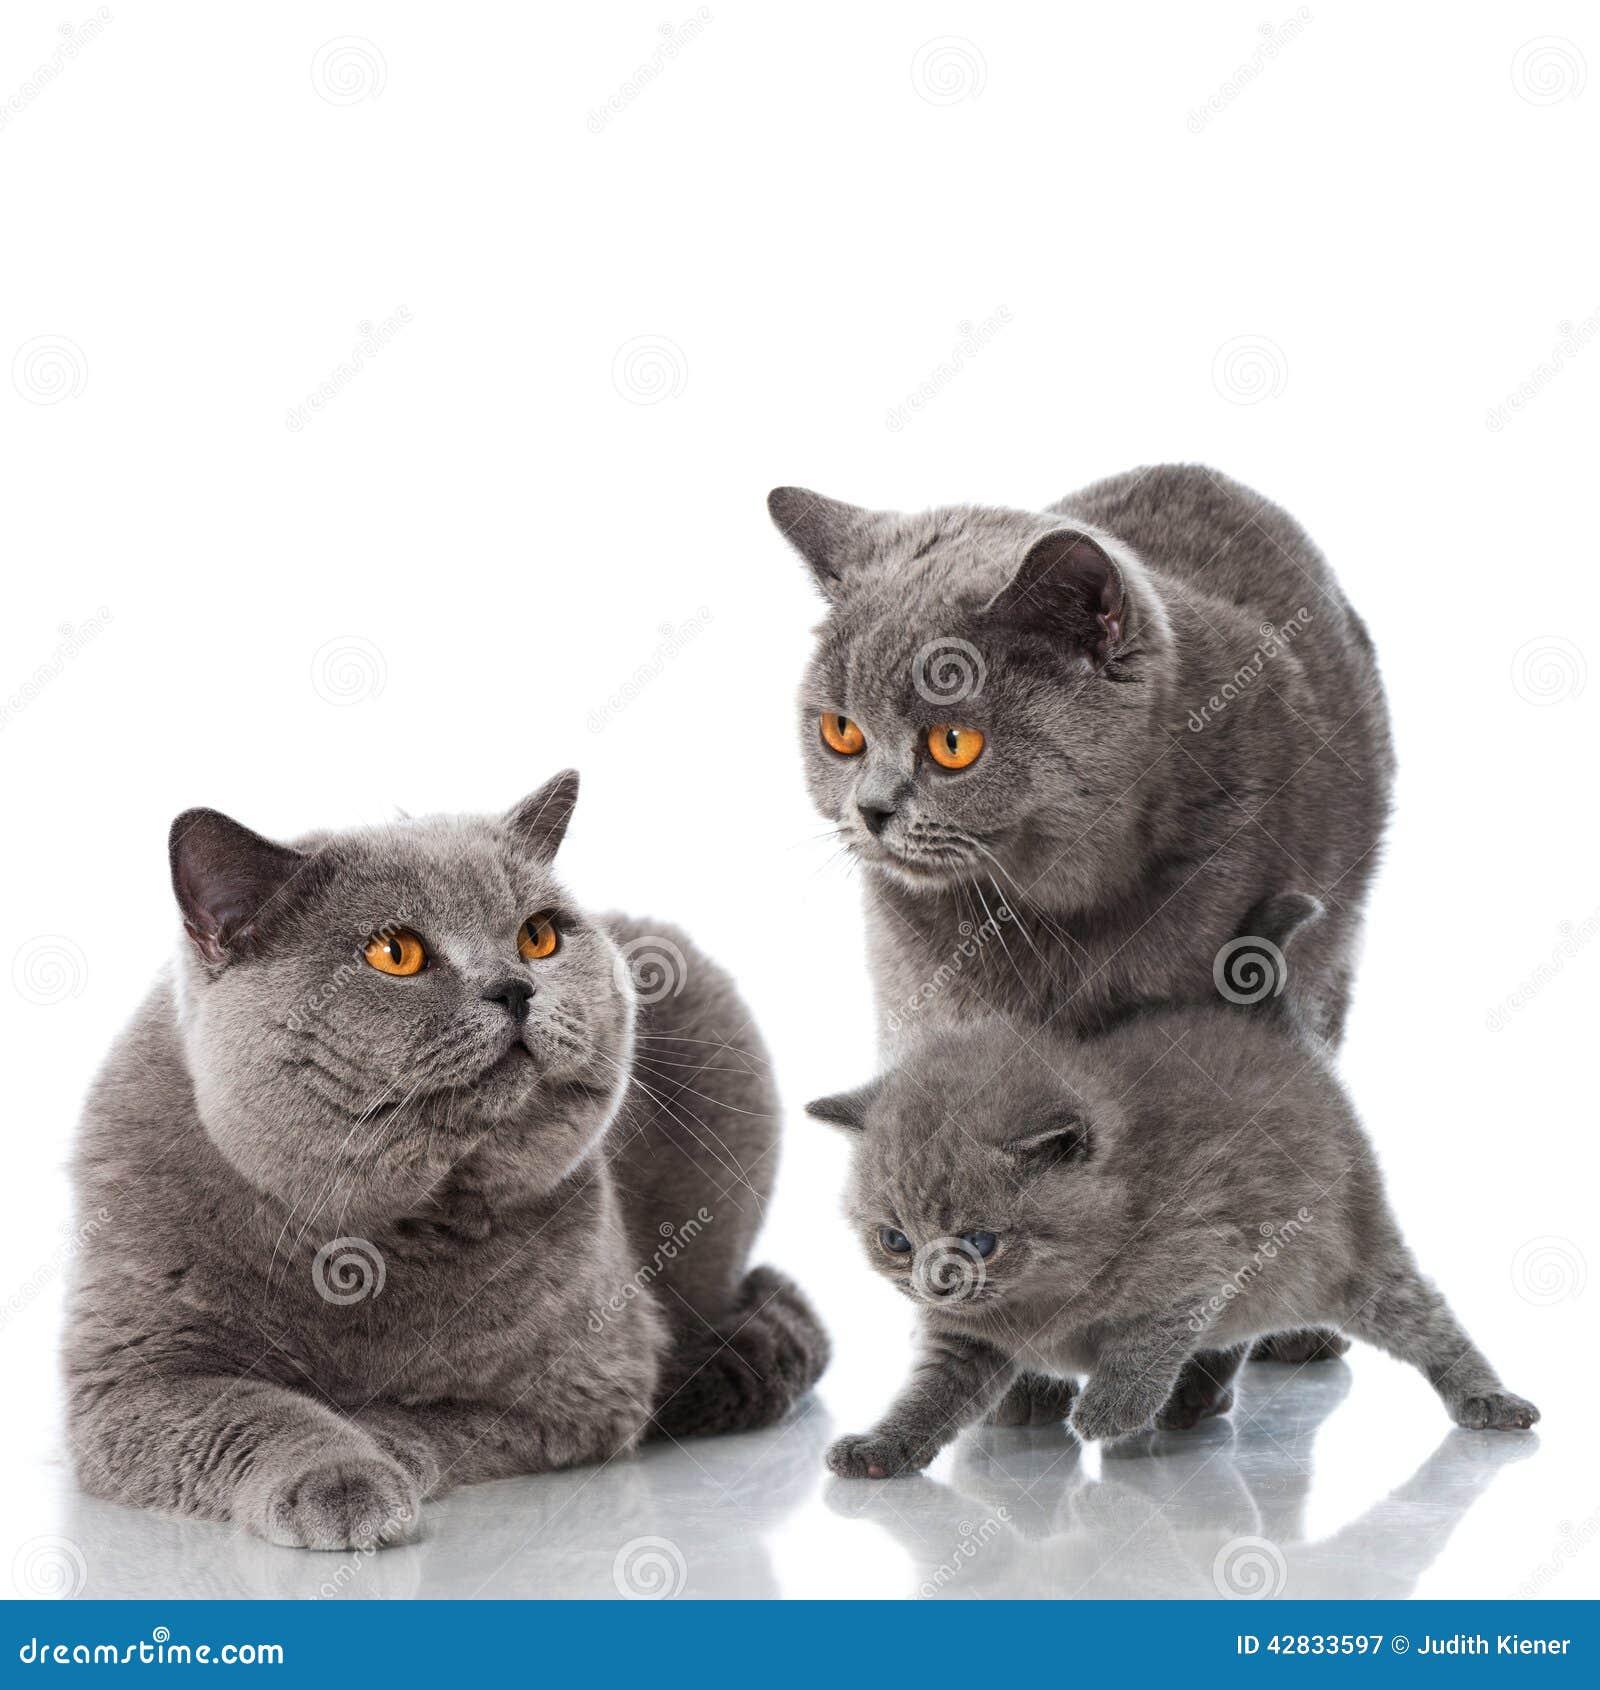 funniest cat pics ever